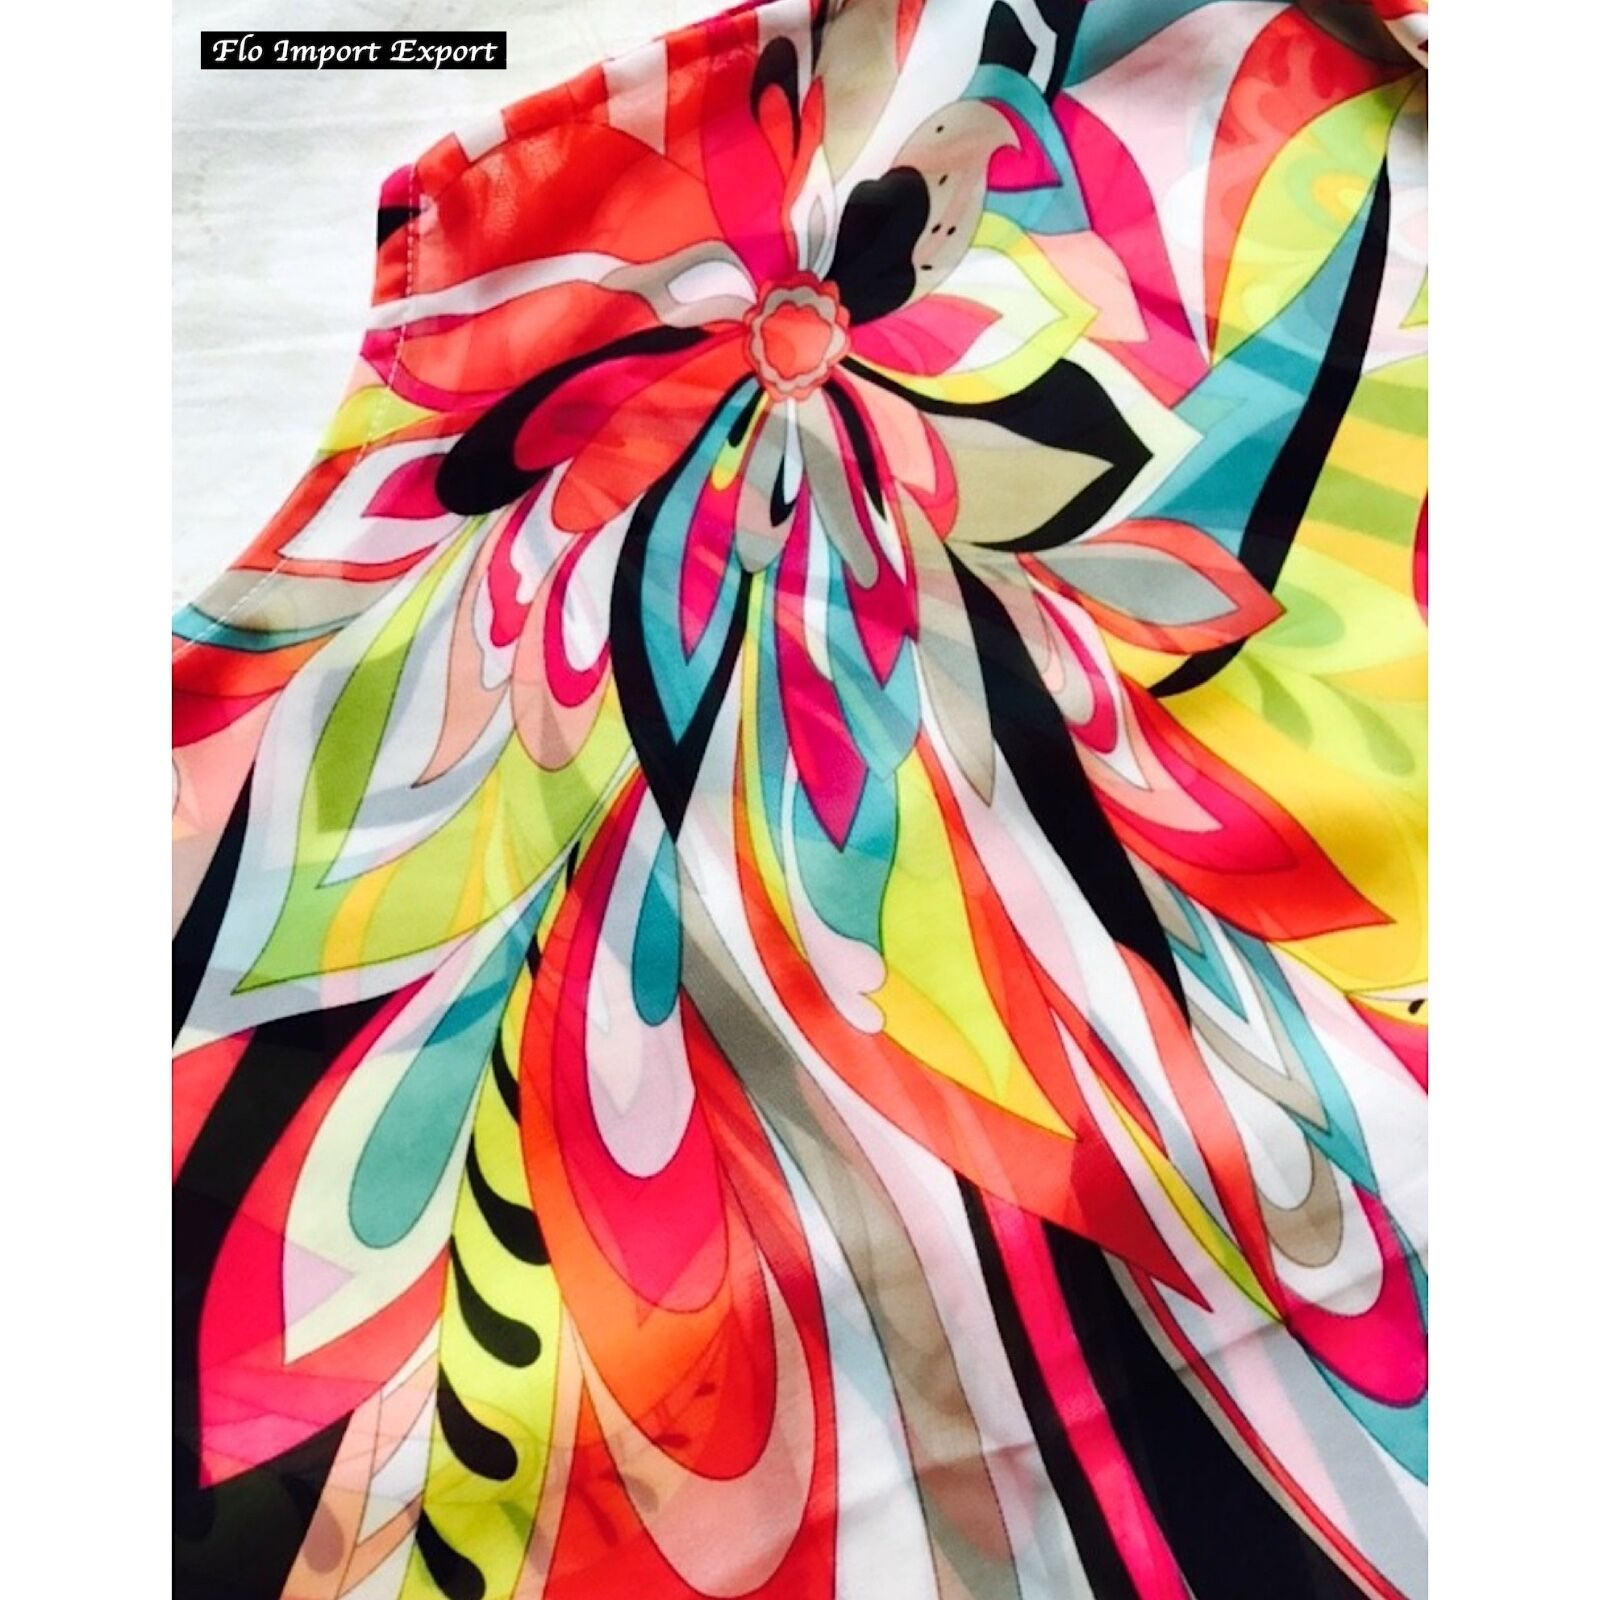 a4a6a69bb49dd https   www.ebay.it itm Vestito-Caftano-Copricostume-Donna-Woman -Colourful-Cover-Up-Kaftan-Dress-COV0039- 322580210530